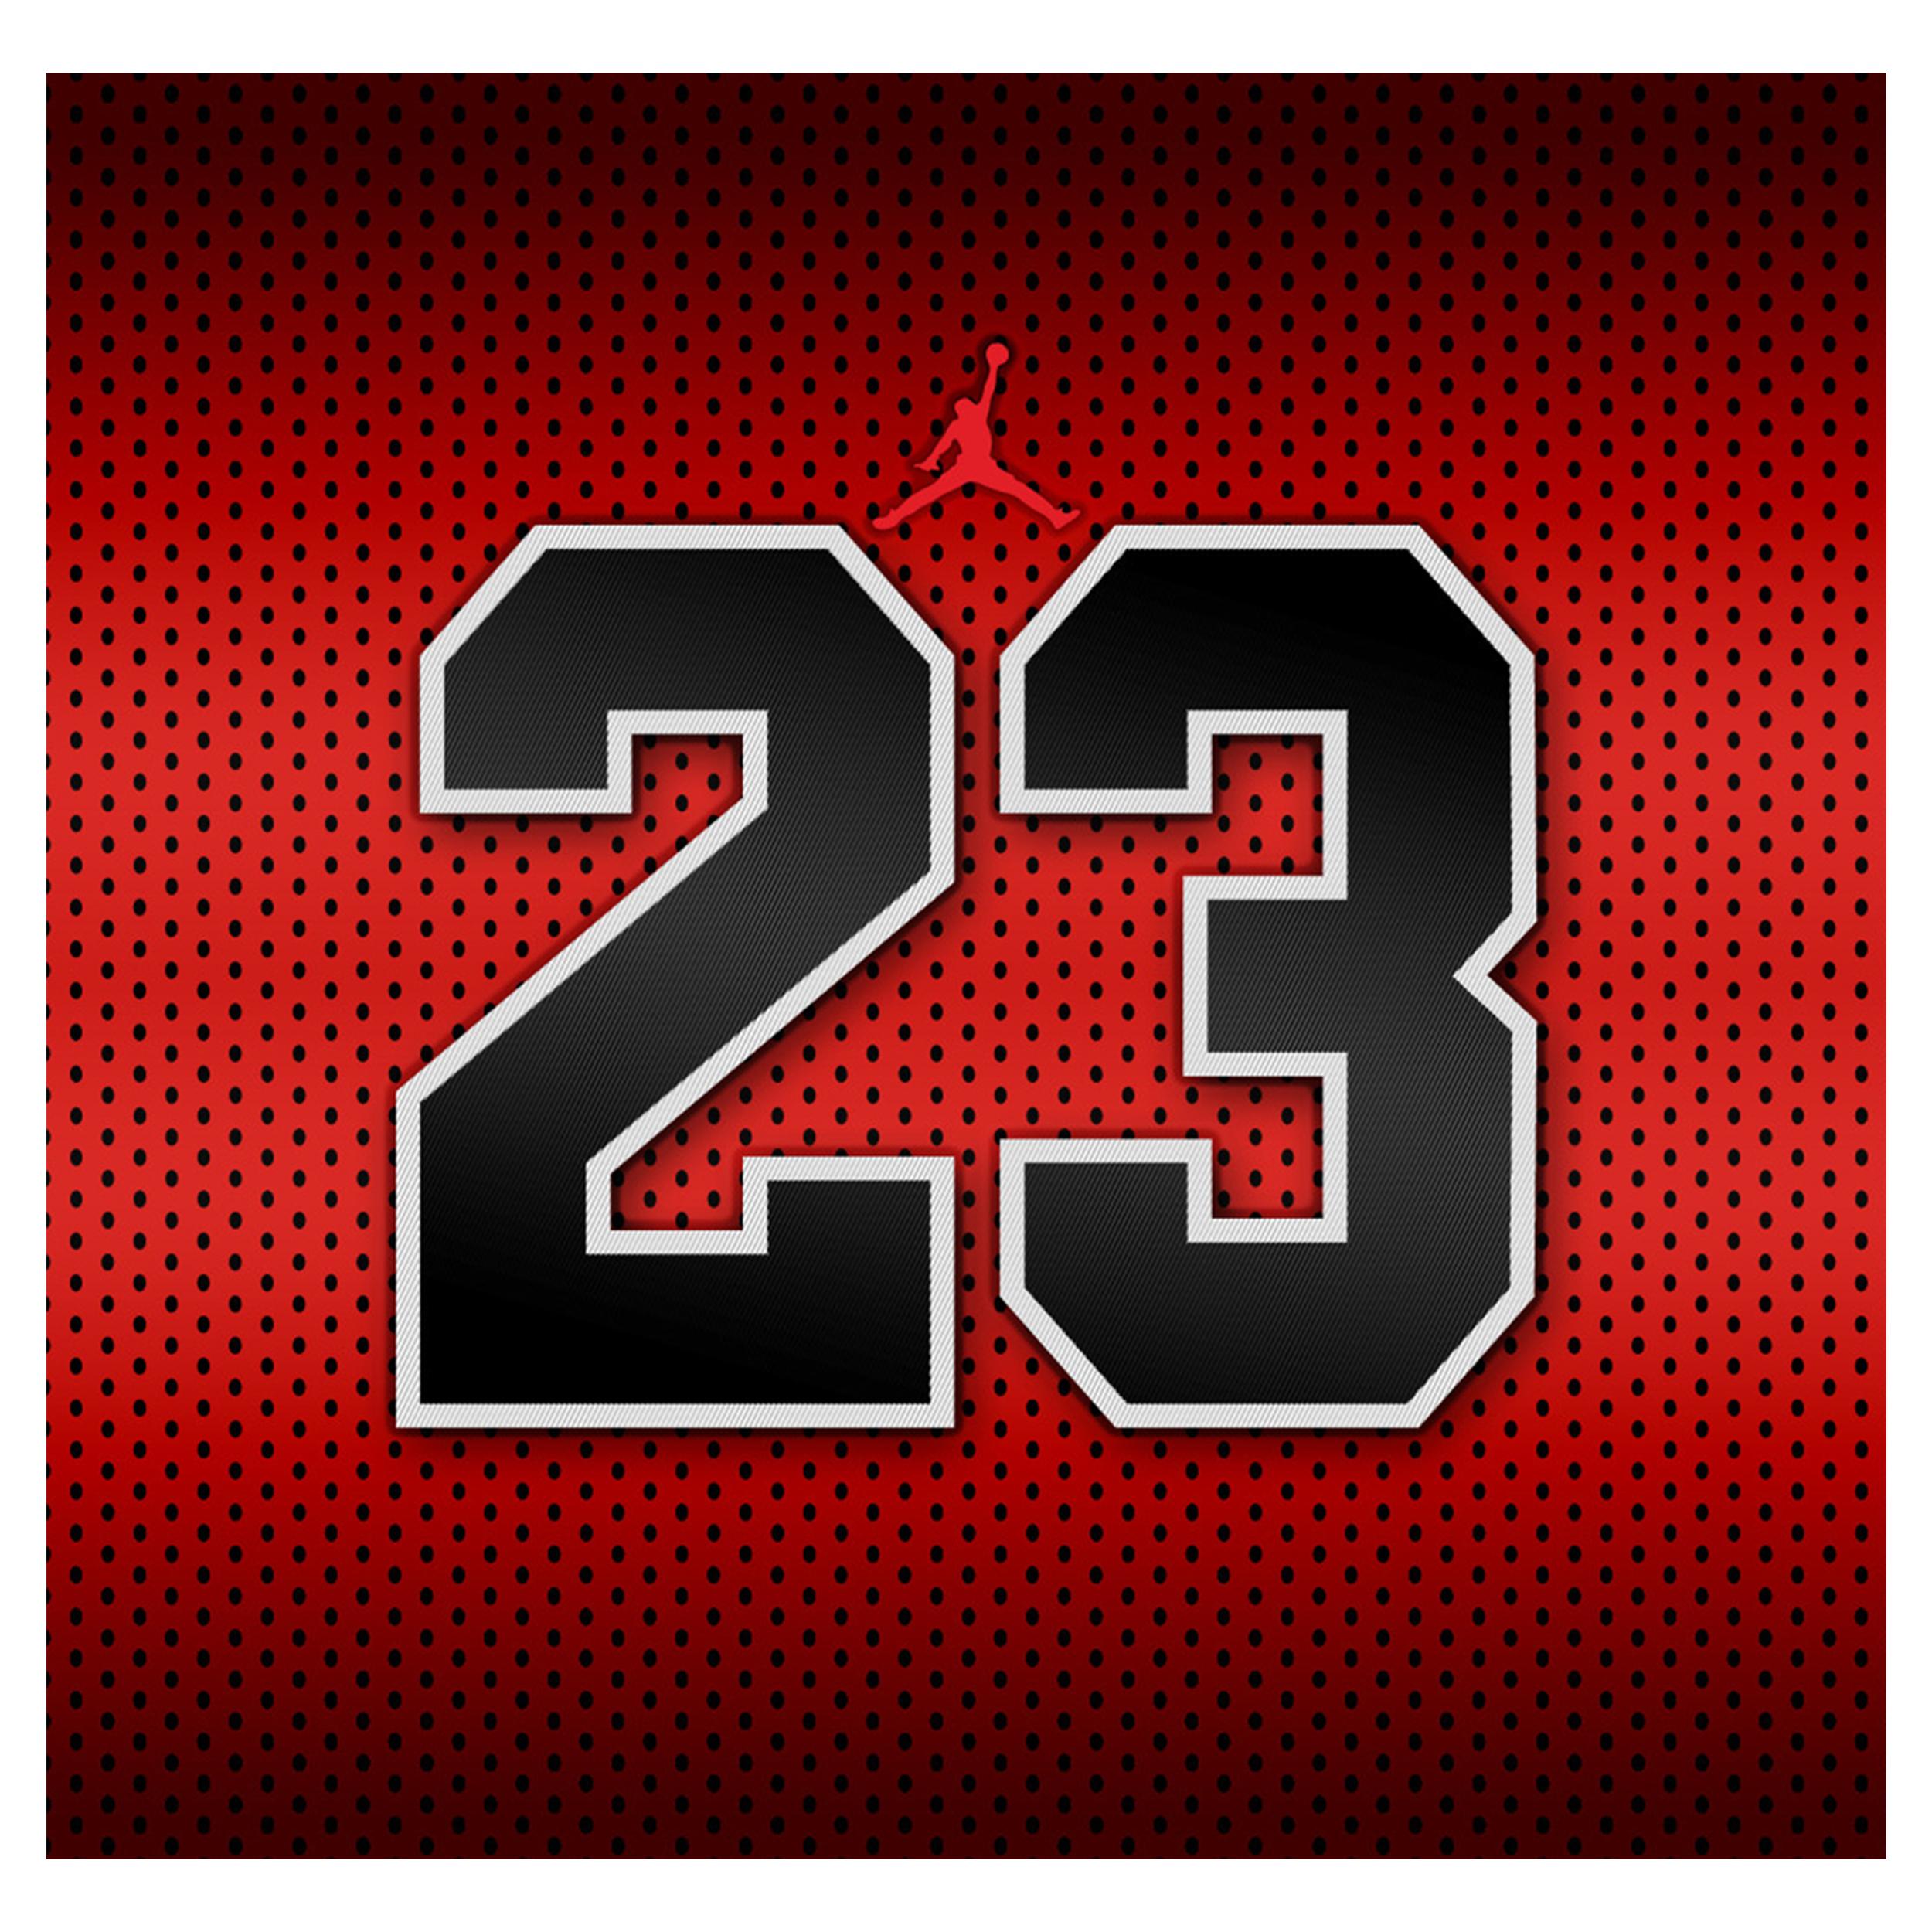 استیکر    کلید و پریز    طرح   بسکتبال     کد   210